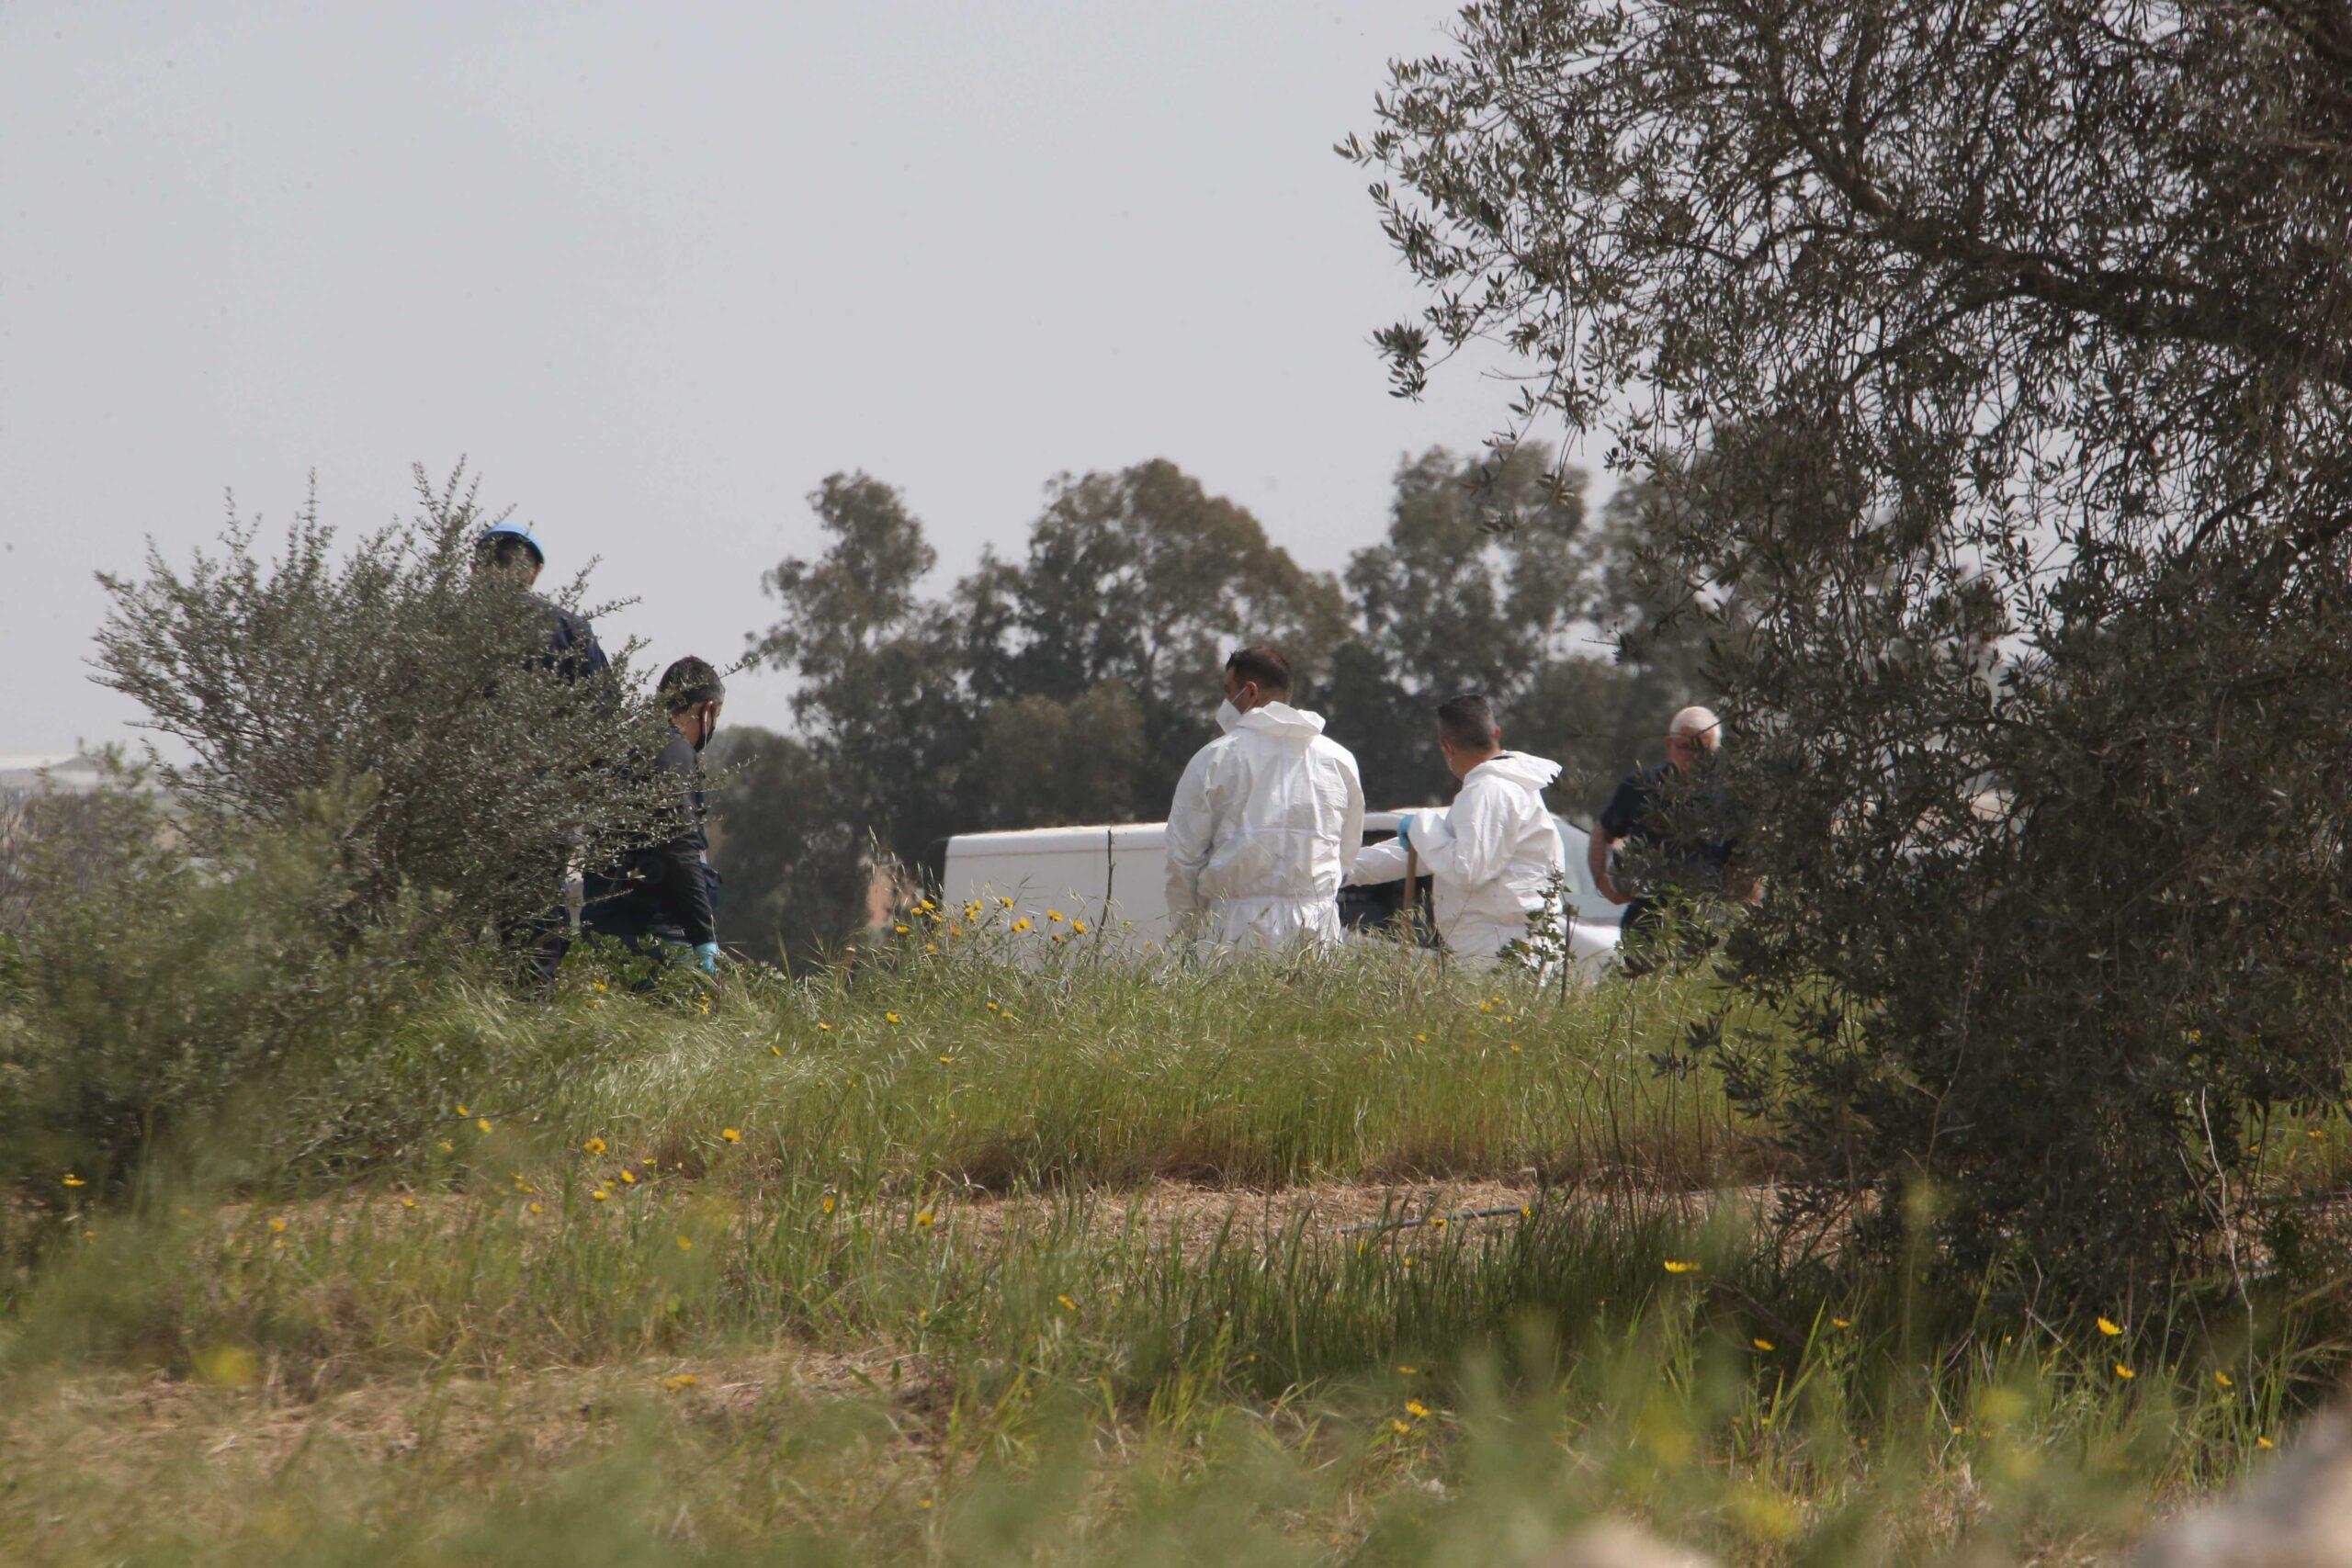 Ο άντρας παραδέχεται ότι δολοφόνησε γυναίκα που βρέθηκε στο πεδίο τον περασμένο μήνα